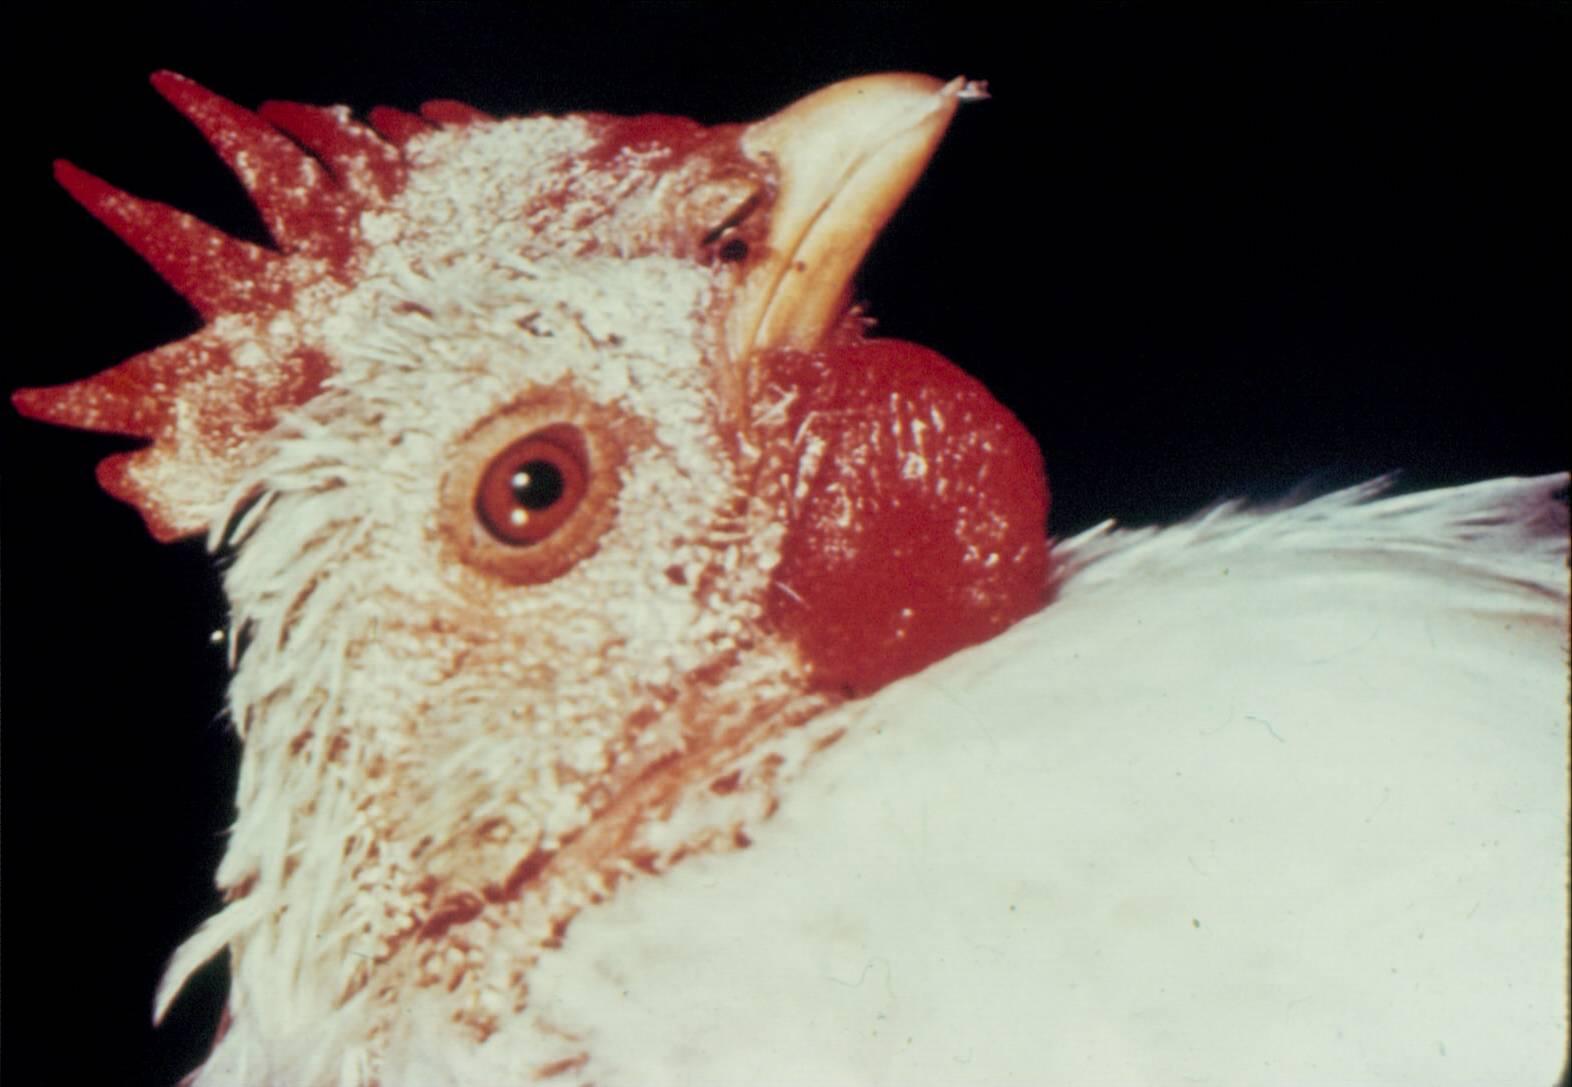 Na obrázku je fotografie hlavy nosnice, která má obličej a hřebínek viditelně bělavý